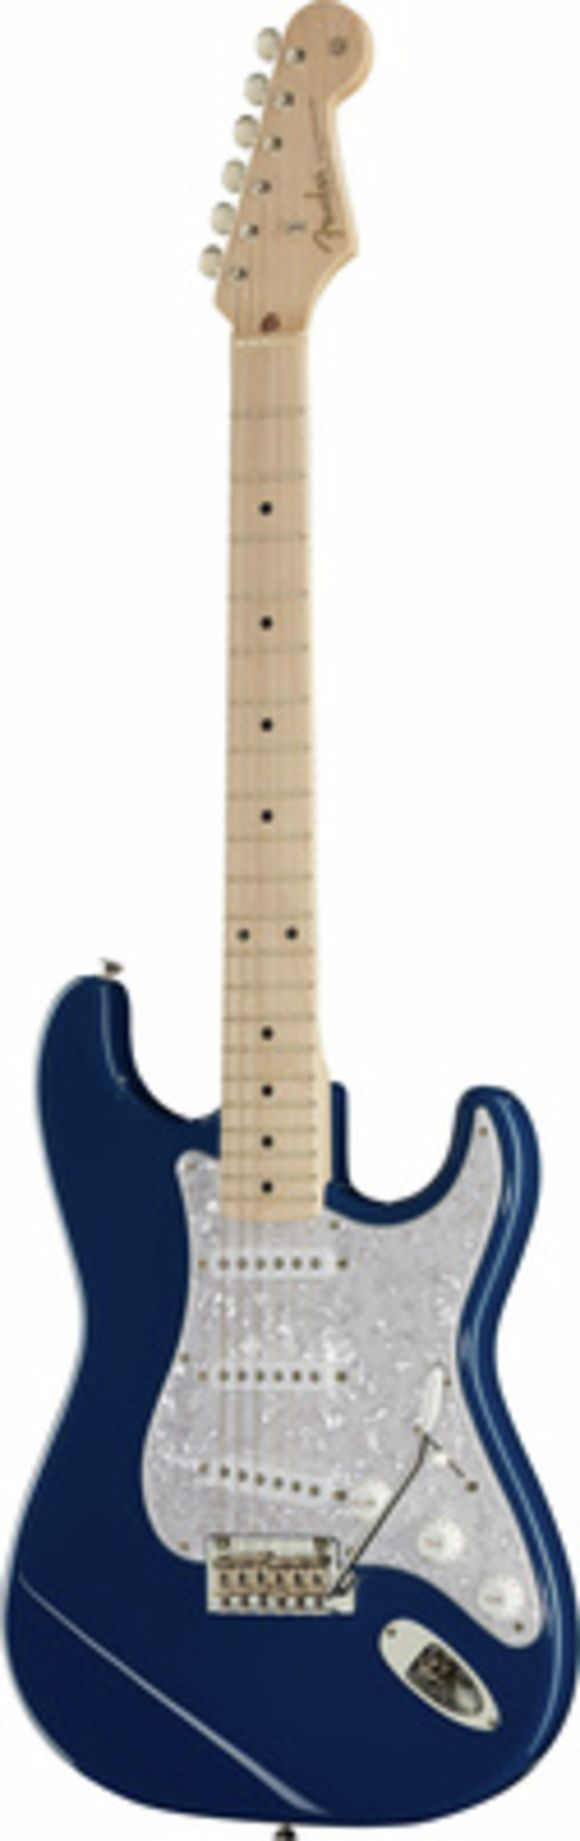 Hybrid Strat MN Indigo Fender